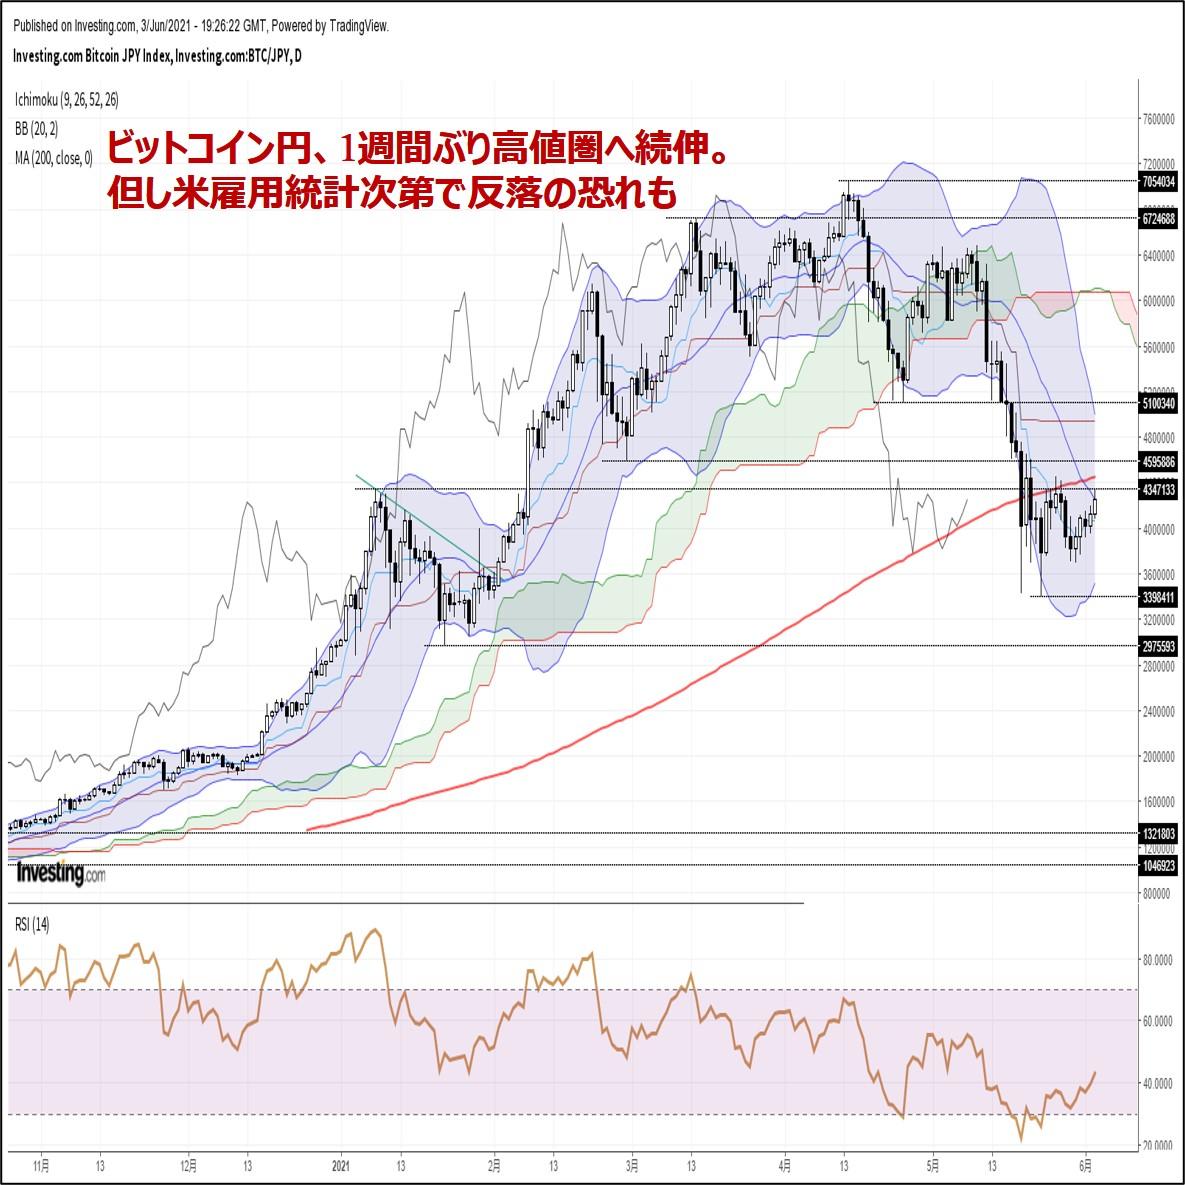 ビットコイン円、1週間ぶり高値圏へ続伸。但し米雇用統計次第で反落の恐れも(6/4朝)